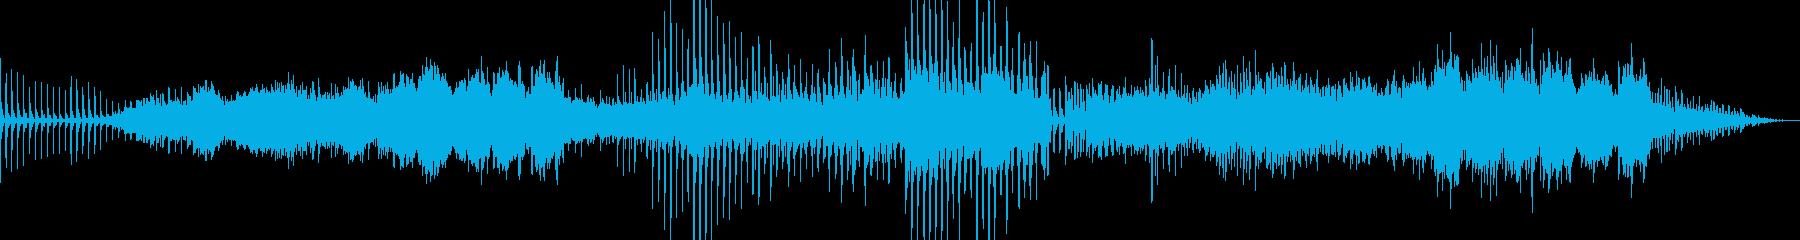 さらさらと流れる様な、美しいアンビエントの再生済みの波形